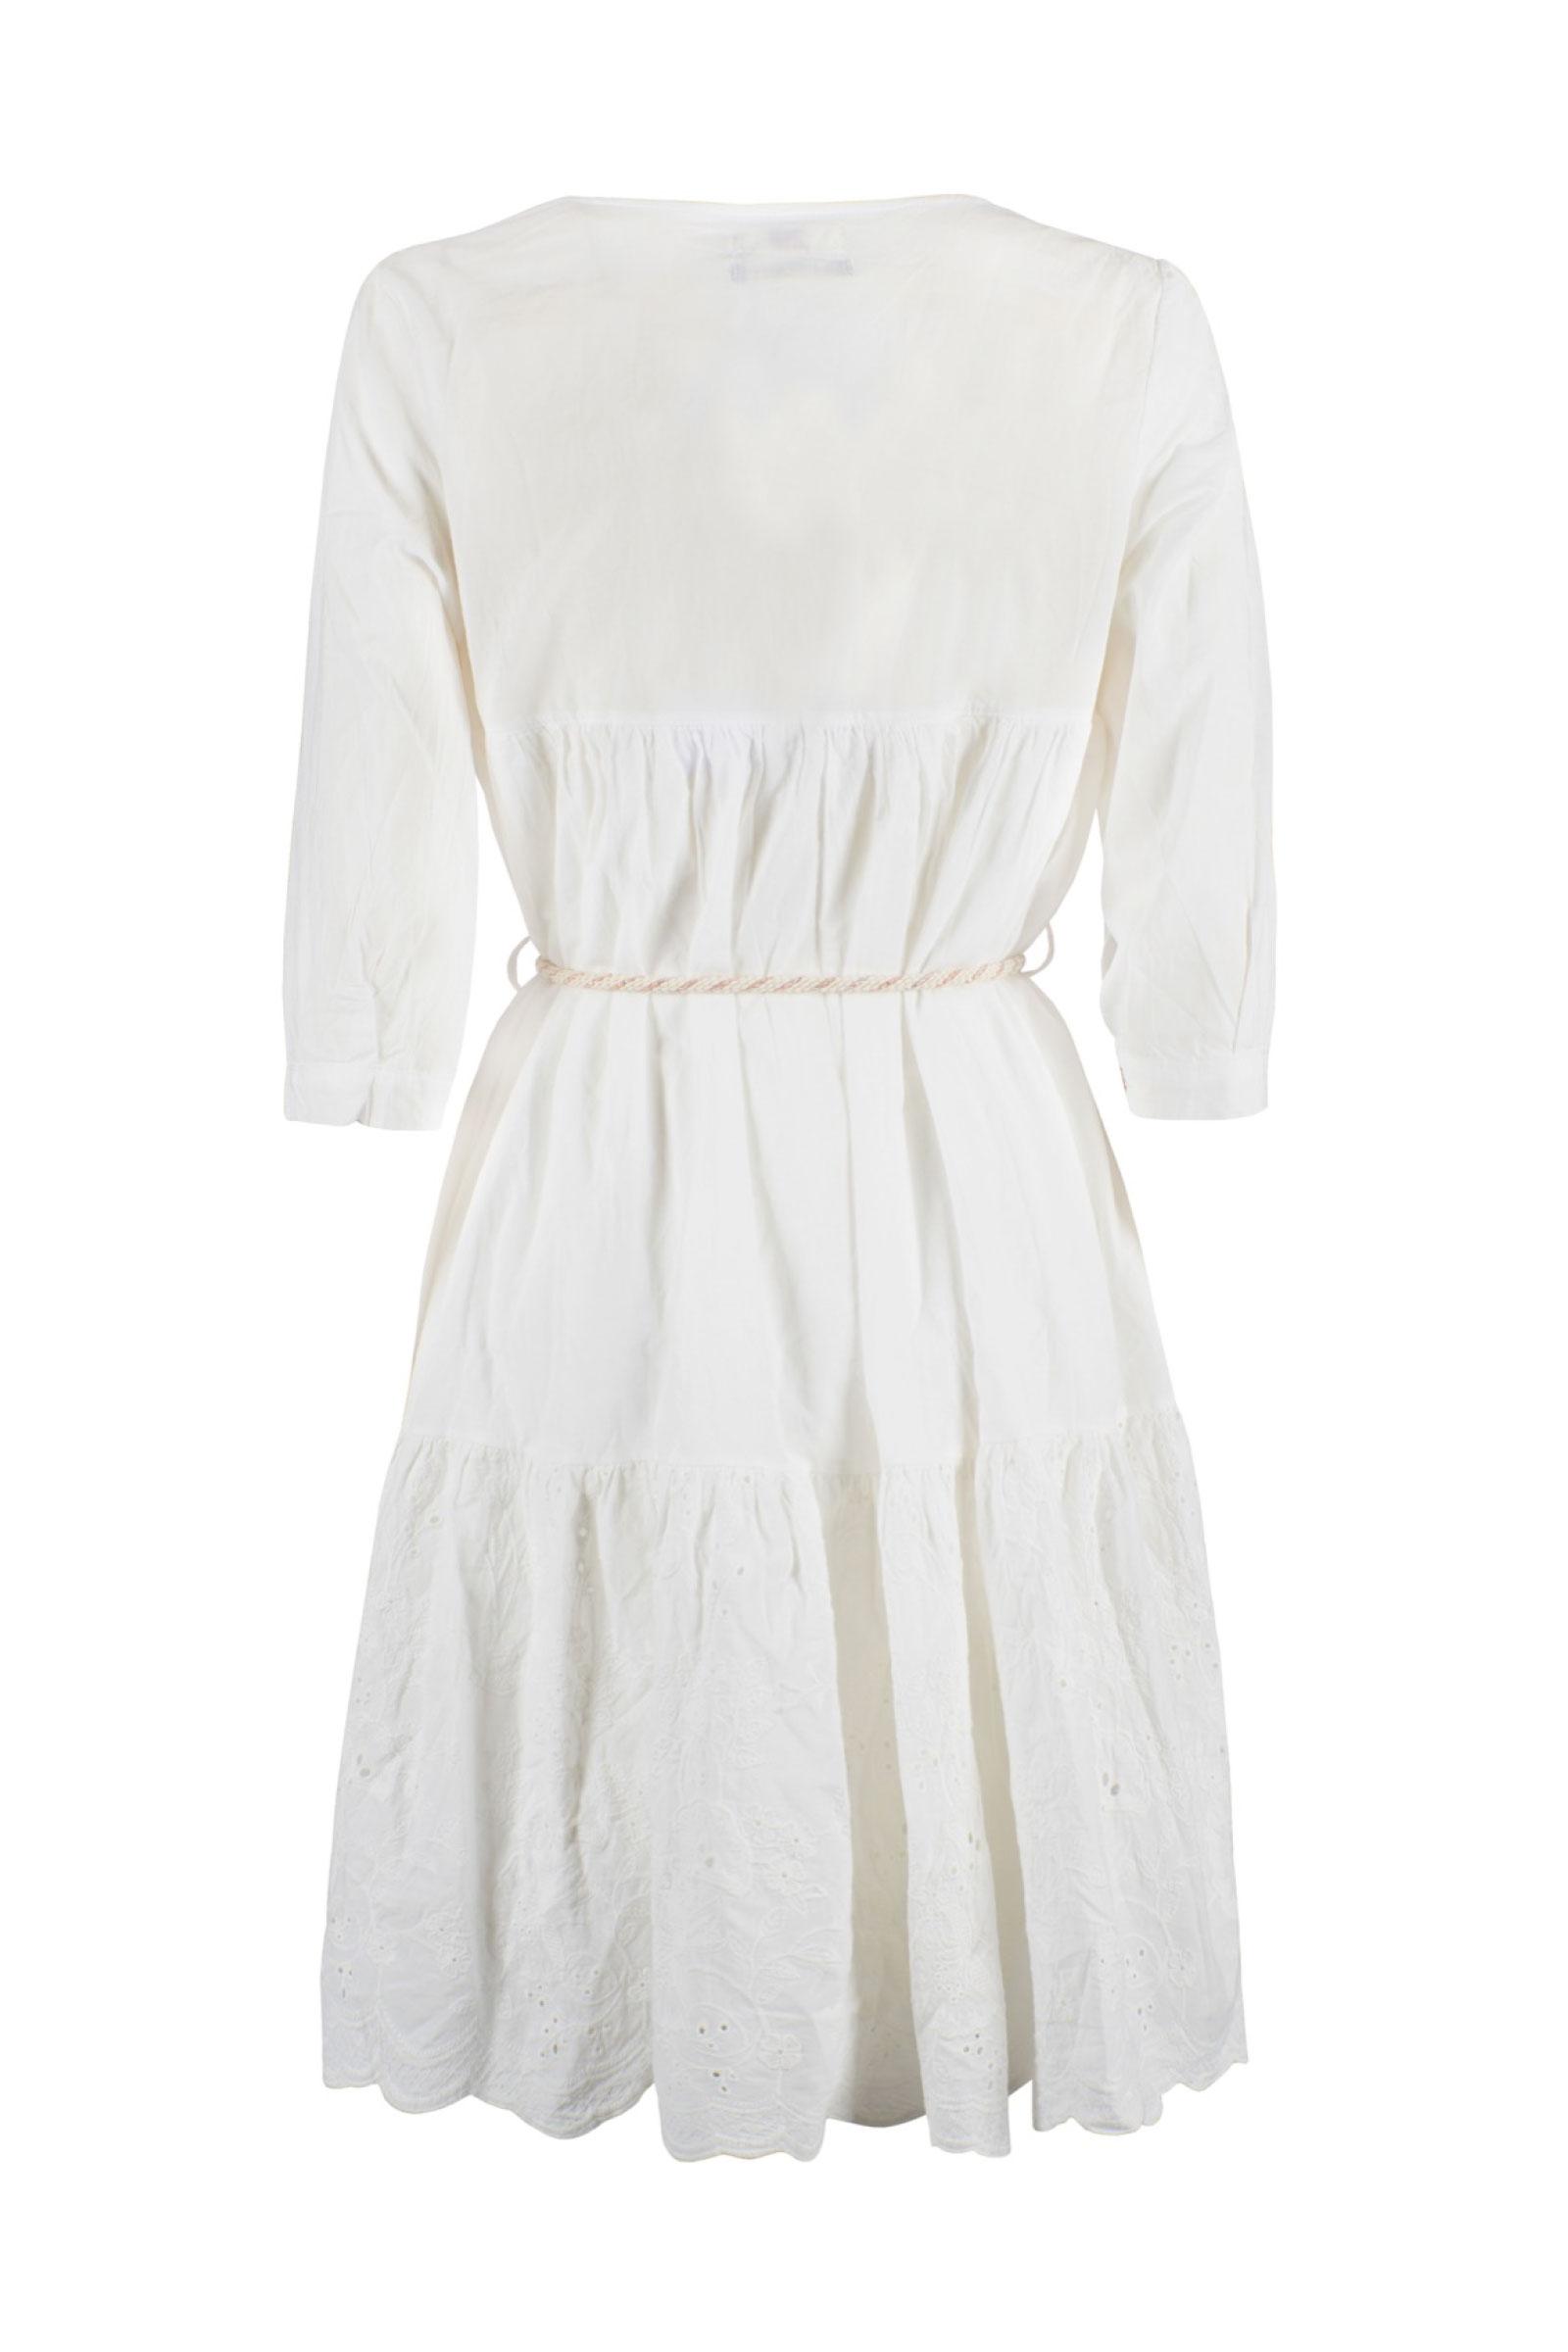 YES.ZEE | Dress | A236 EZ000107